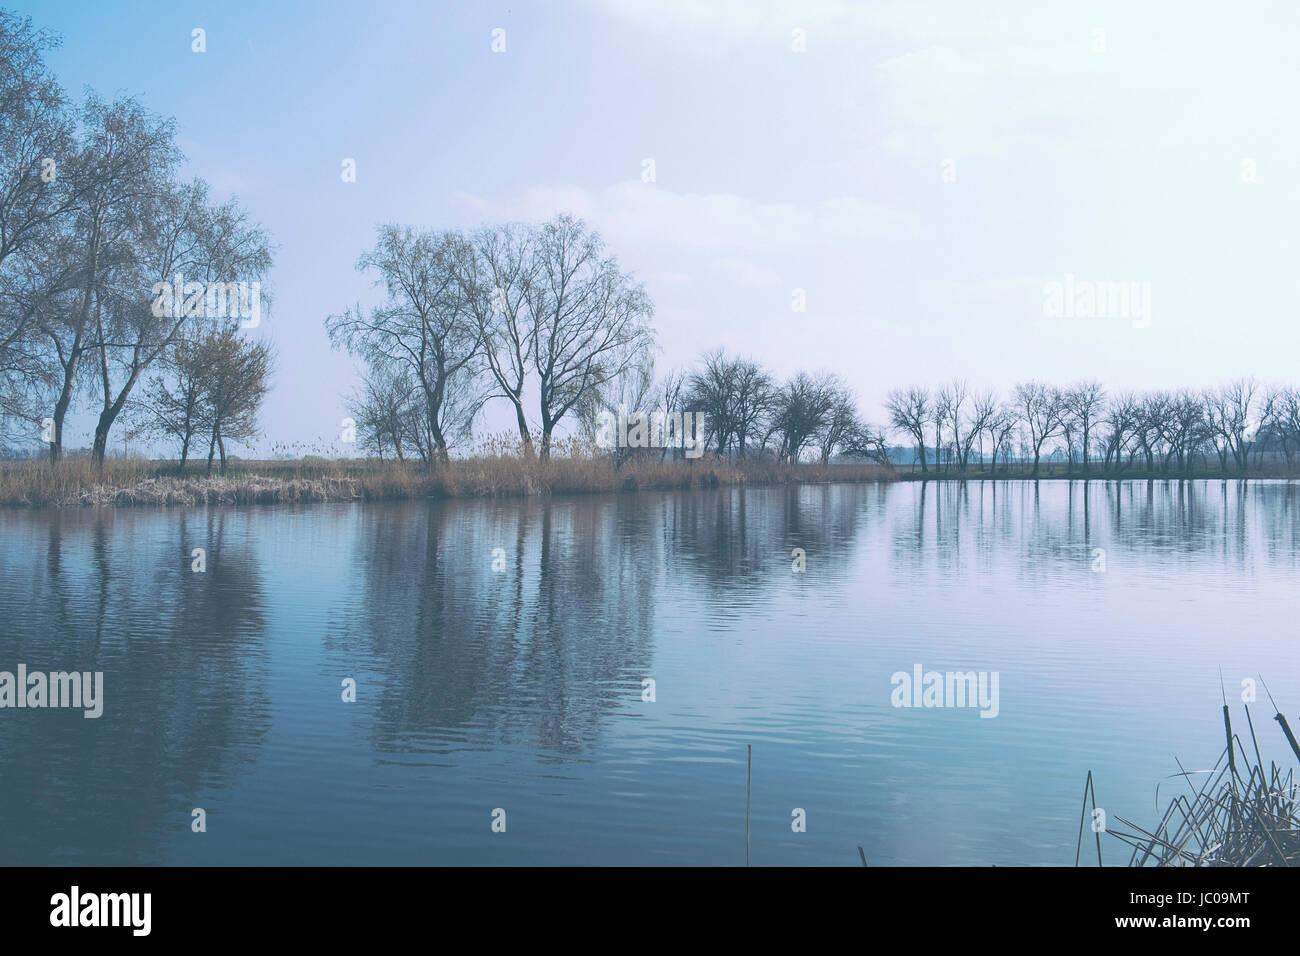 Photo de film ressemble à la scène de la nature Photo Stock